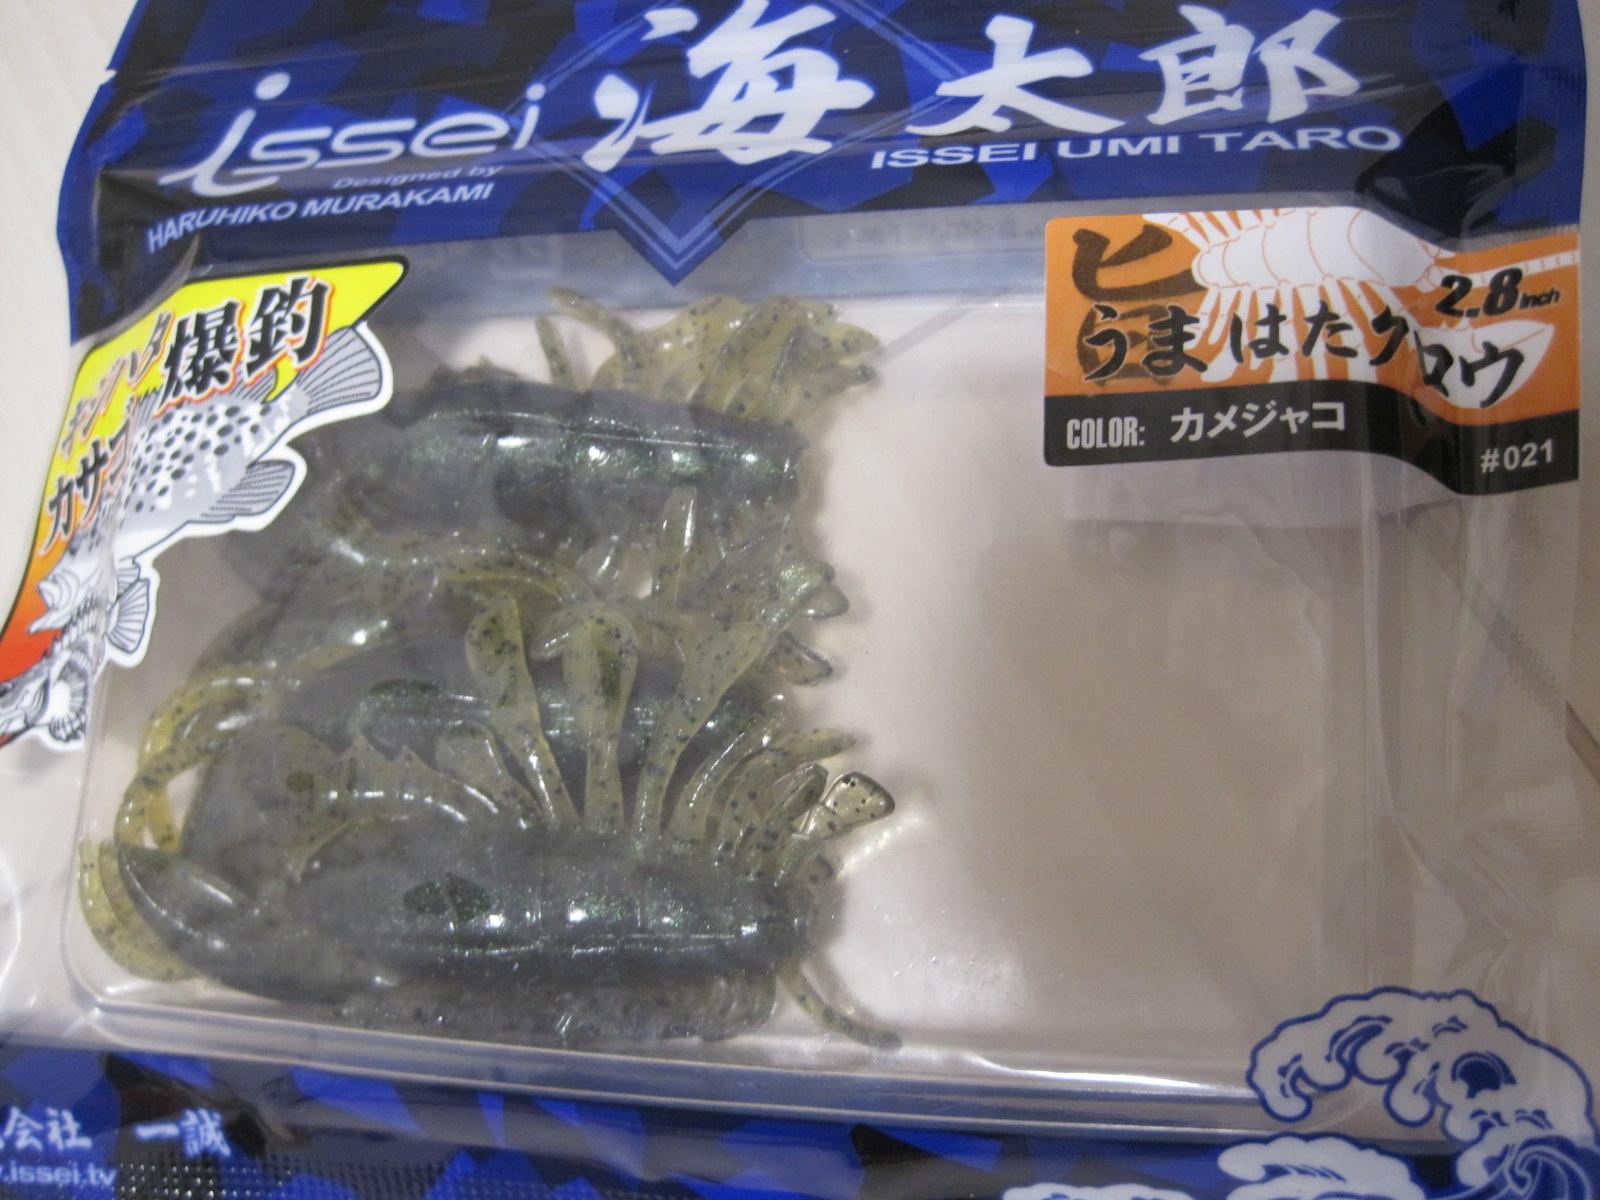 【うまはたクロウ2.8】甲殻類純情物語 ~あいつの代わりとは言わせない~